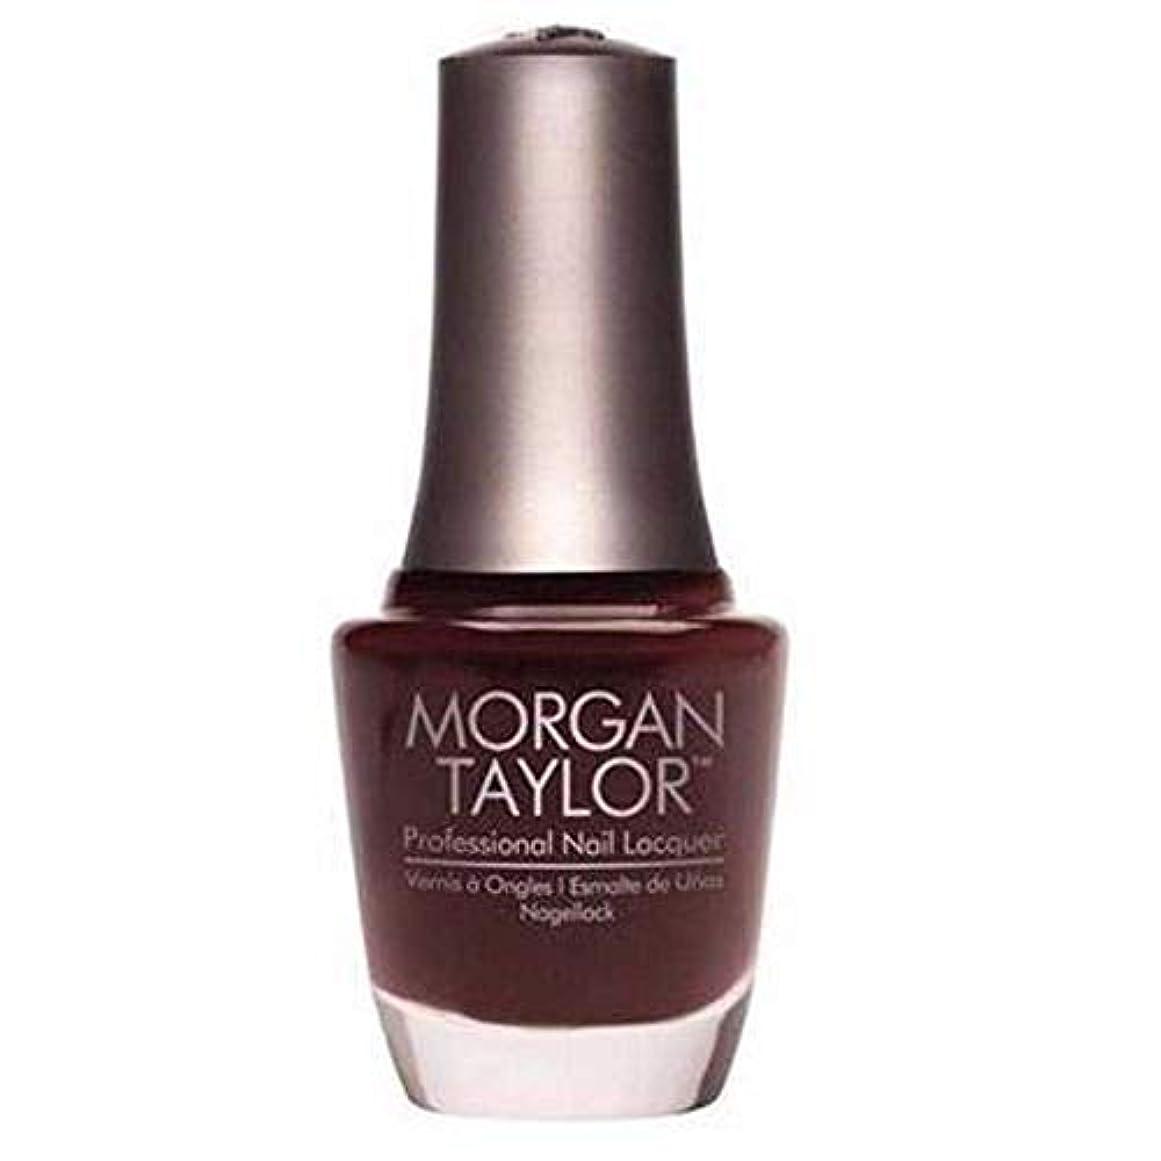 リットル系譜晩餐Morgan Taylor - Professional Nail Lacquer - Pumps or Cowboy Boots? - 15 mL / 0.5oz